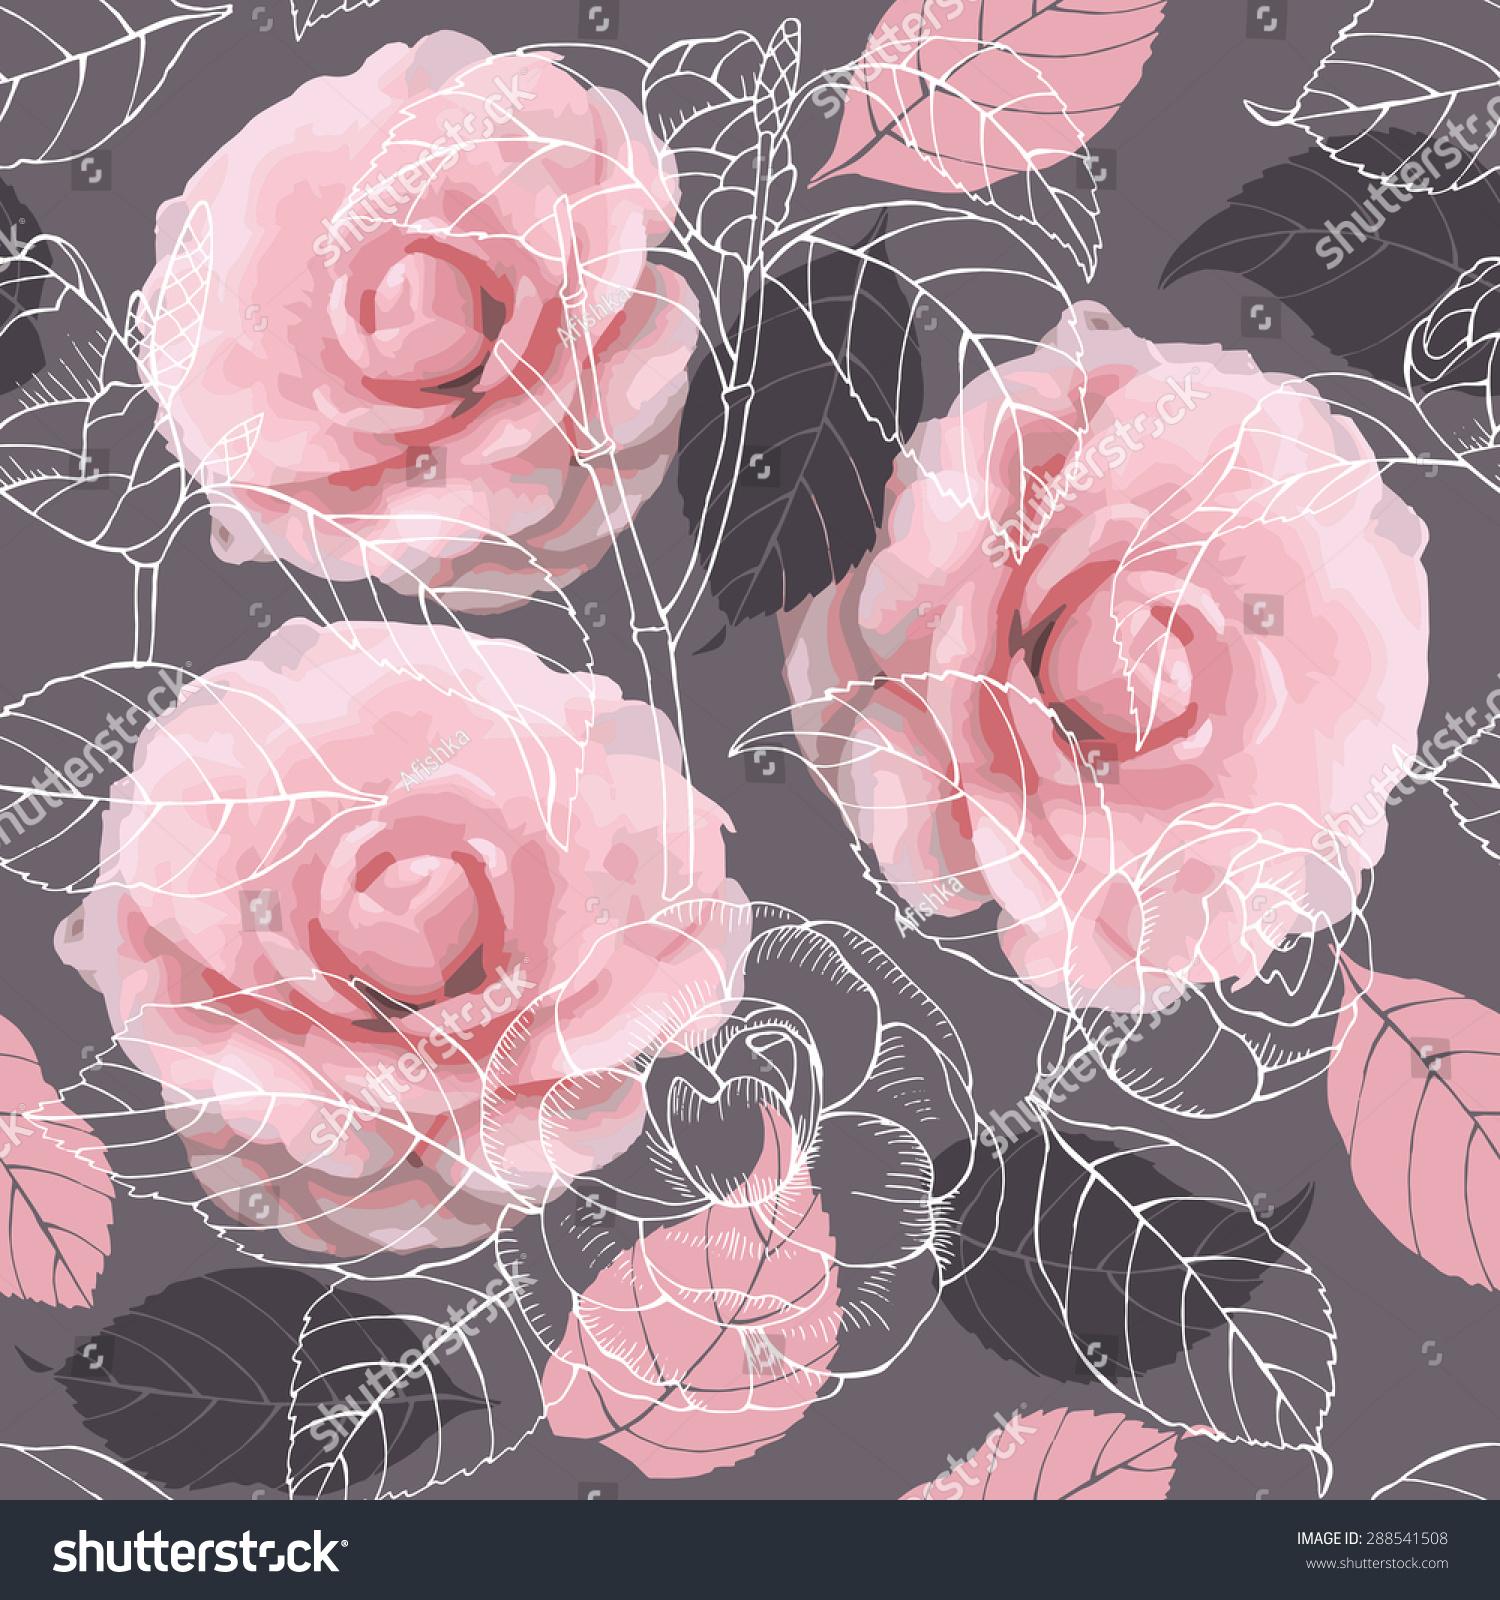 无缝的花卉图案与山茶花的形象.矢量插图